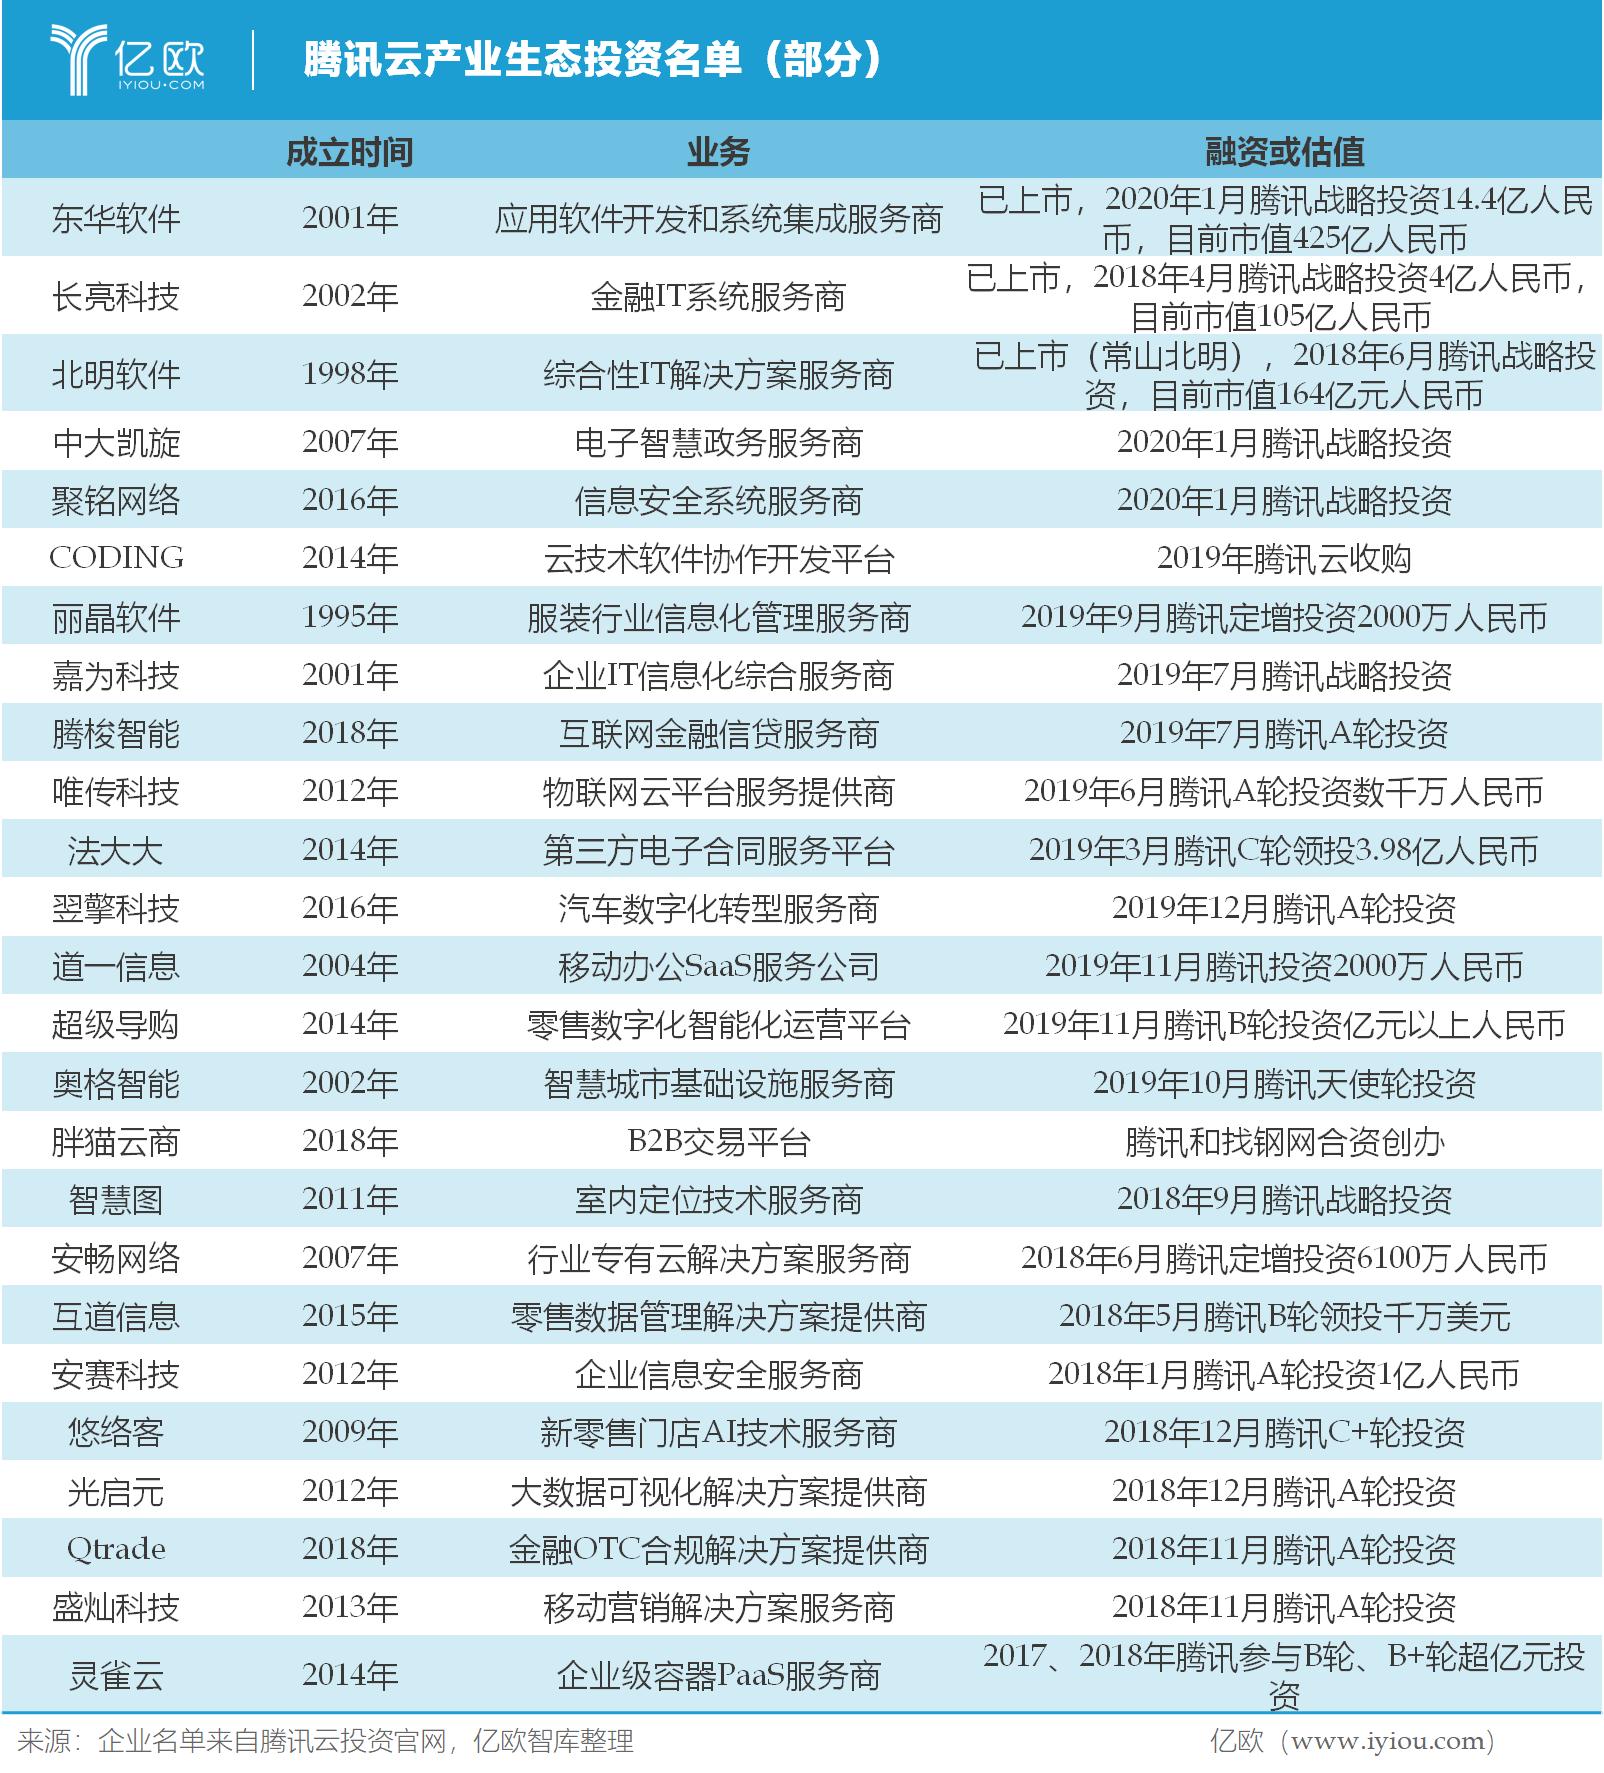 億歐智庫:騰訊云生態投資名單